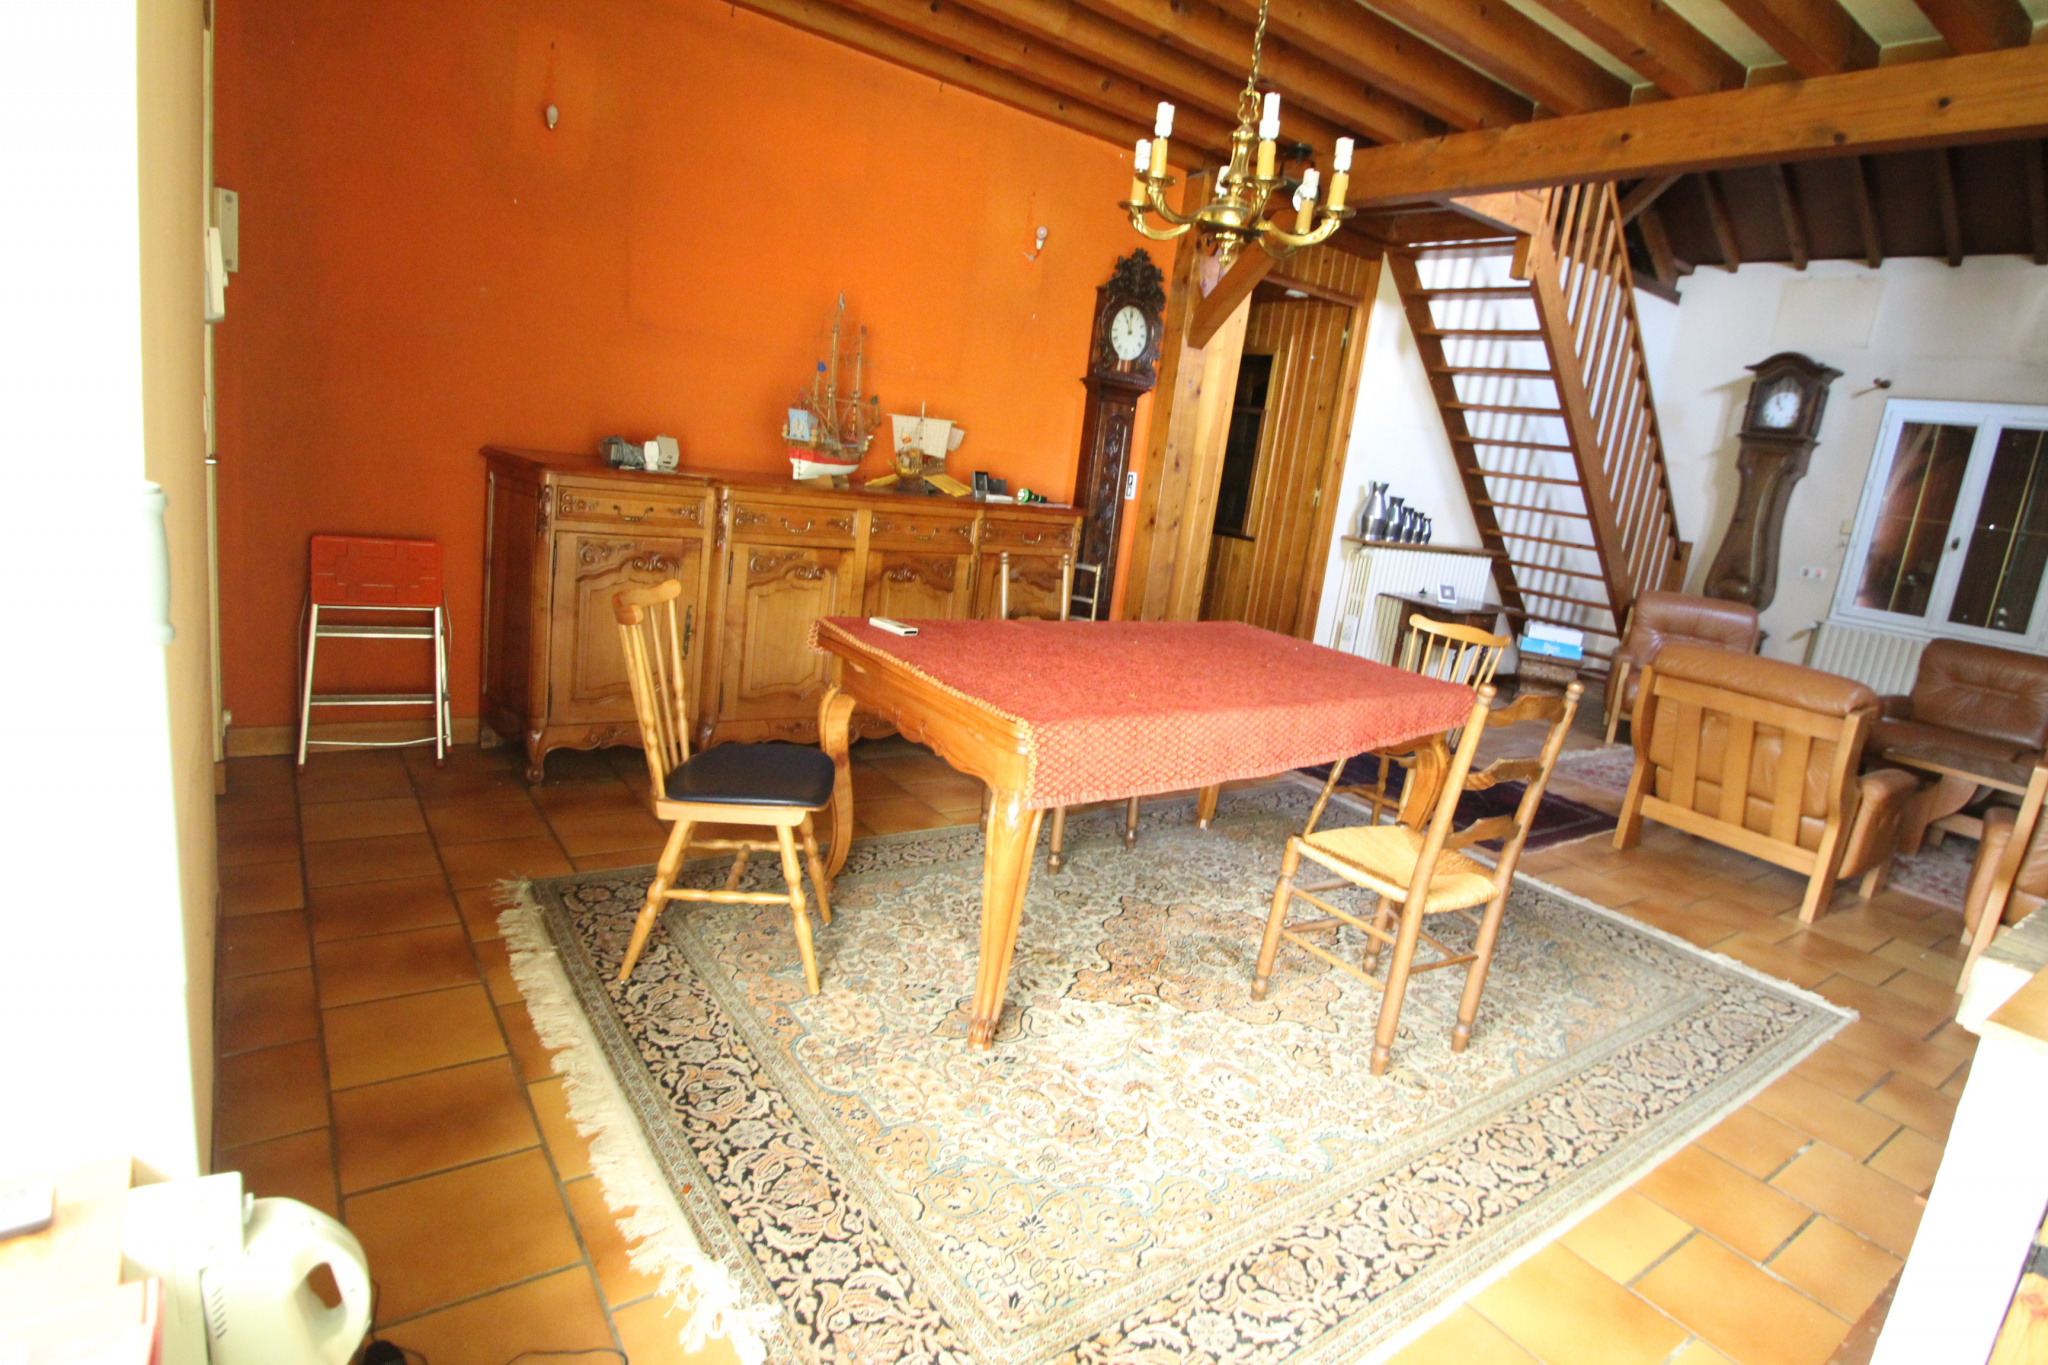 Vente maison/villa beaune